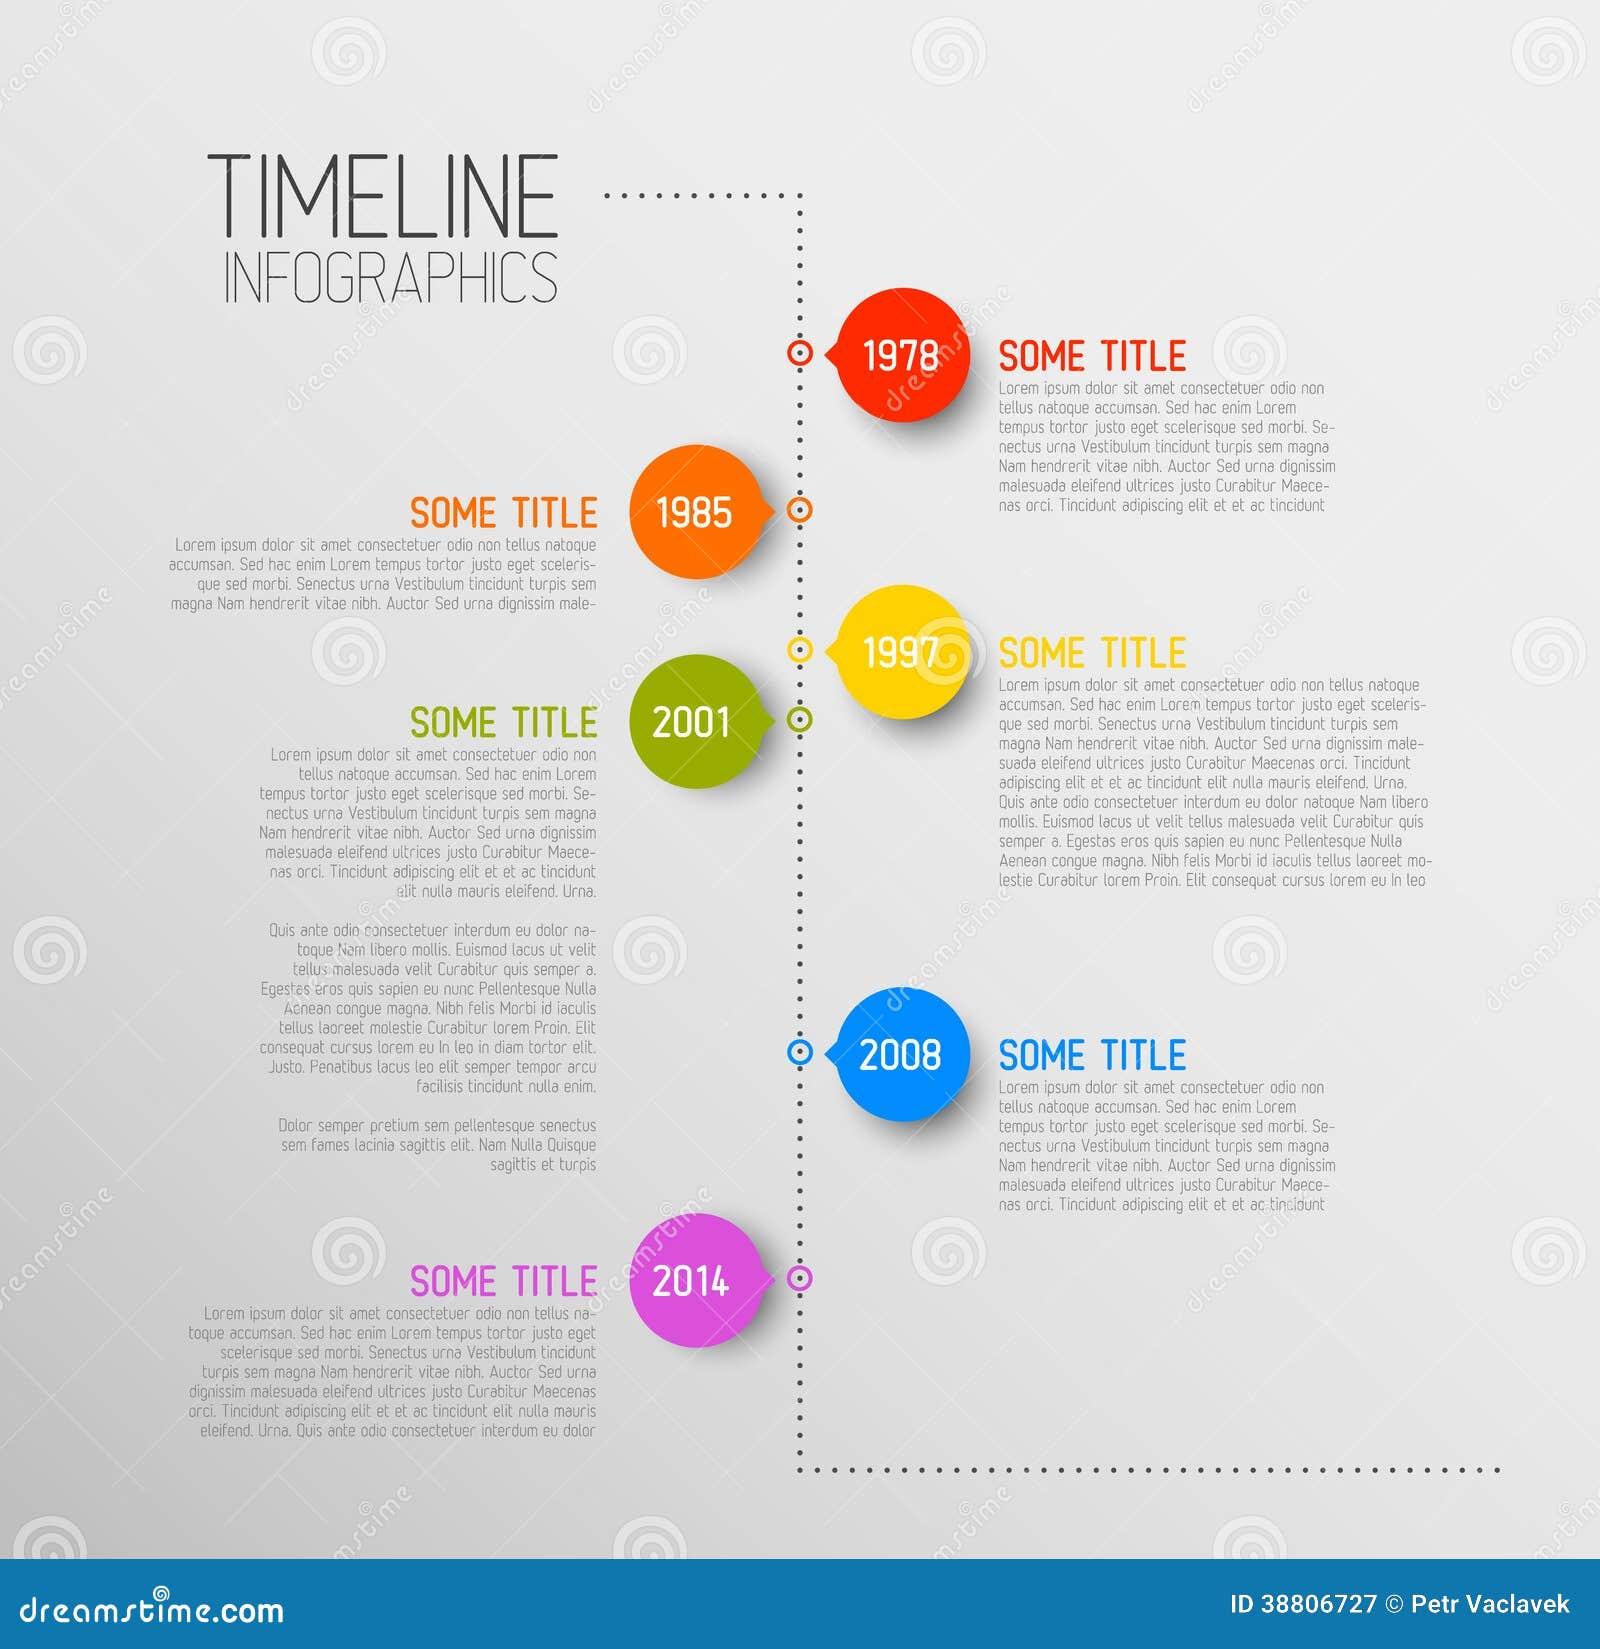 Шаблон отчете о временной последовательности по Infographic